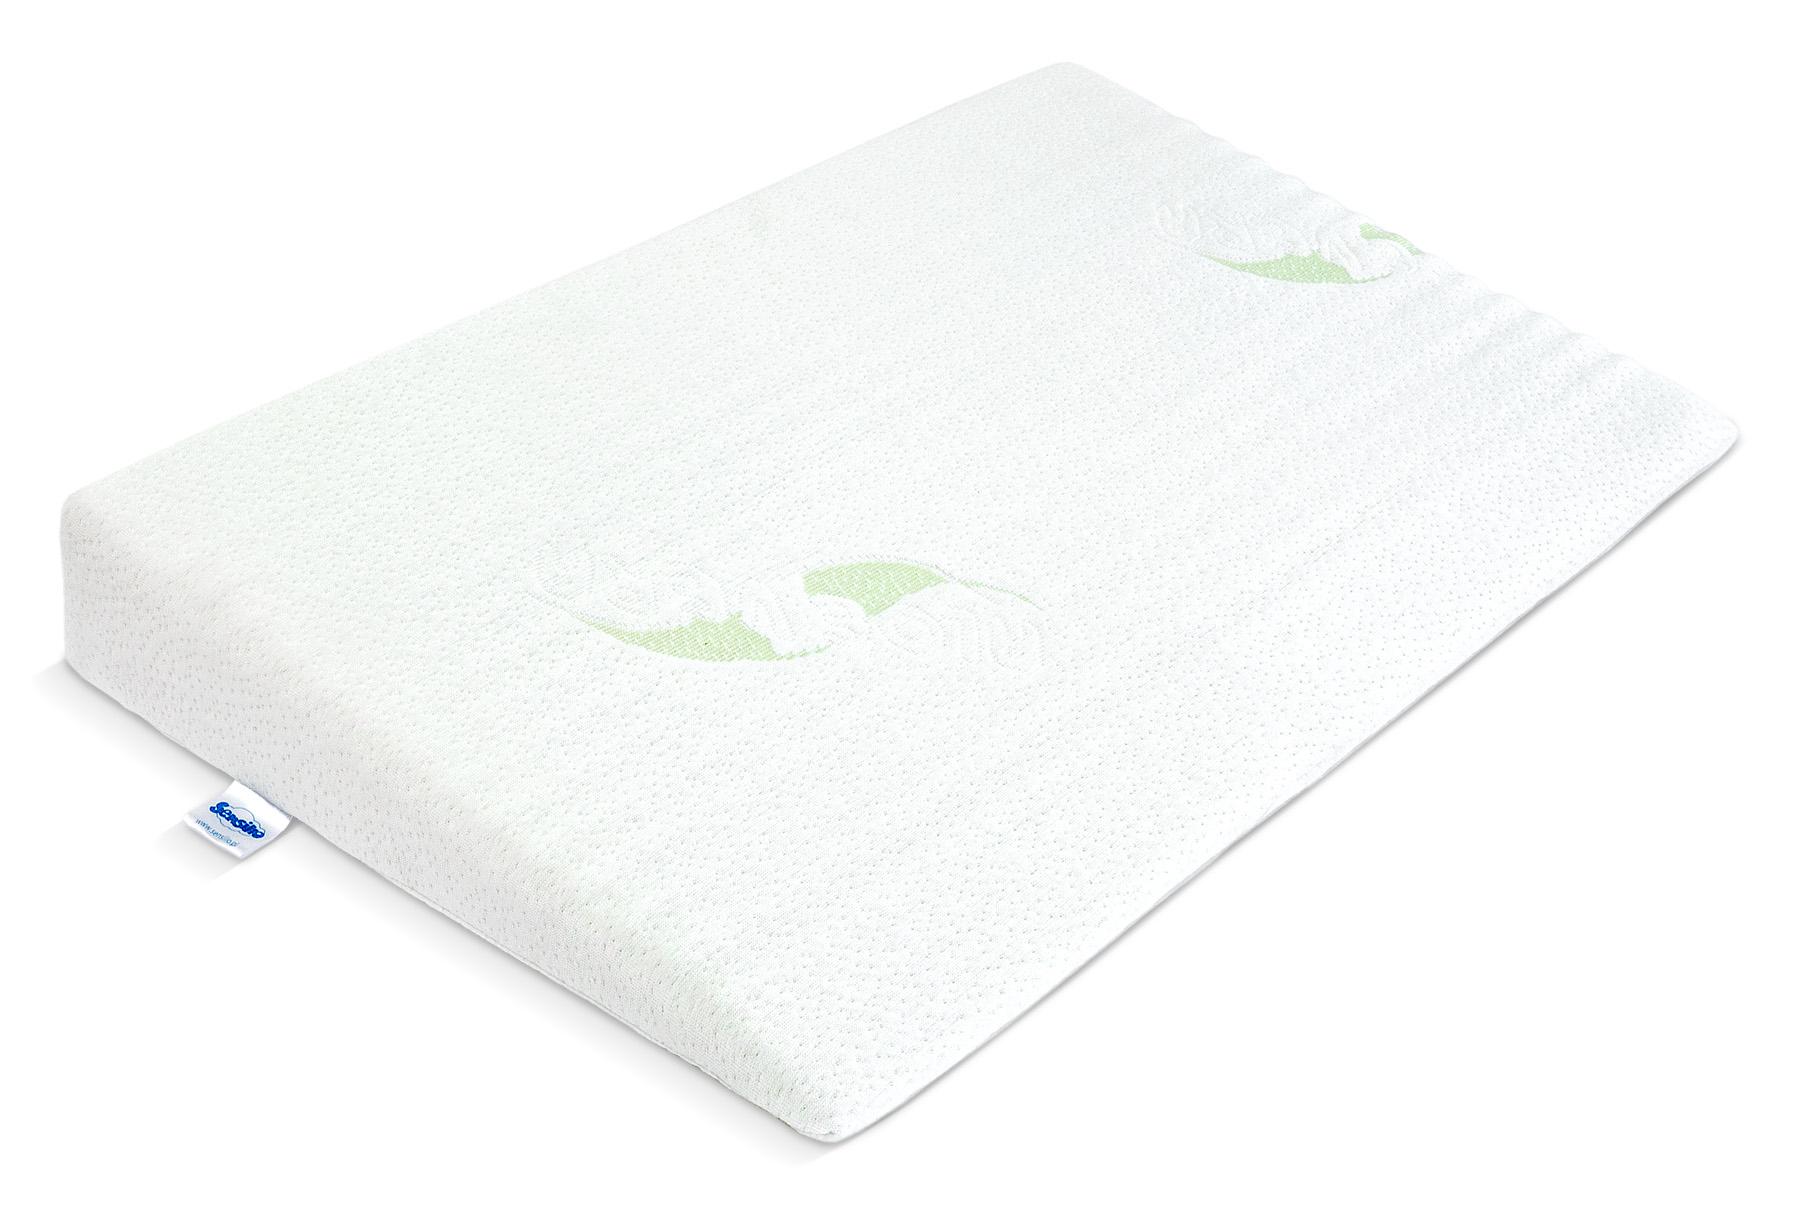 Poduszka klin do łóżeczka LUXE ALOE VERA – 38x60cm